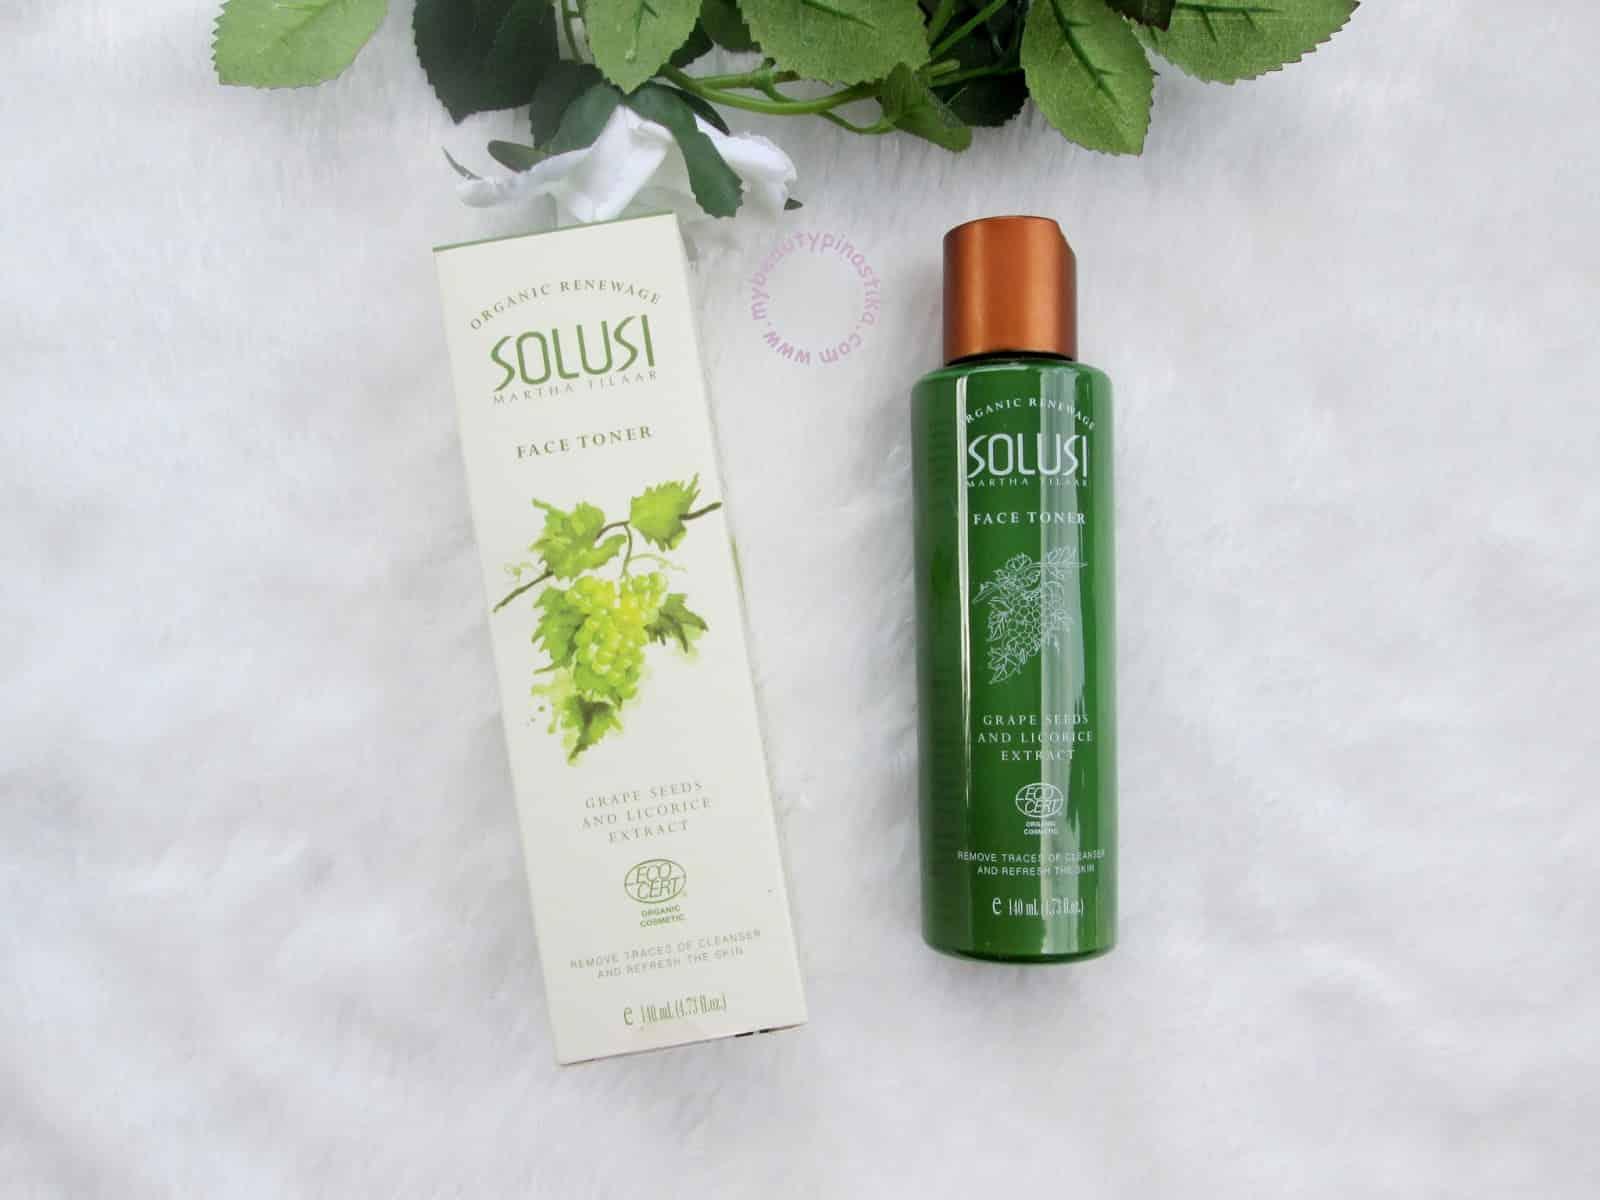 Solusi-Organic-Renewage-Face-Toner